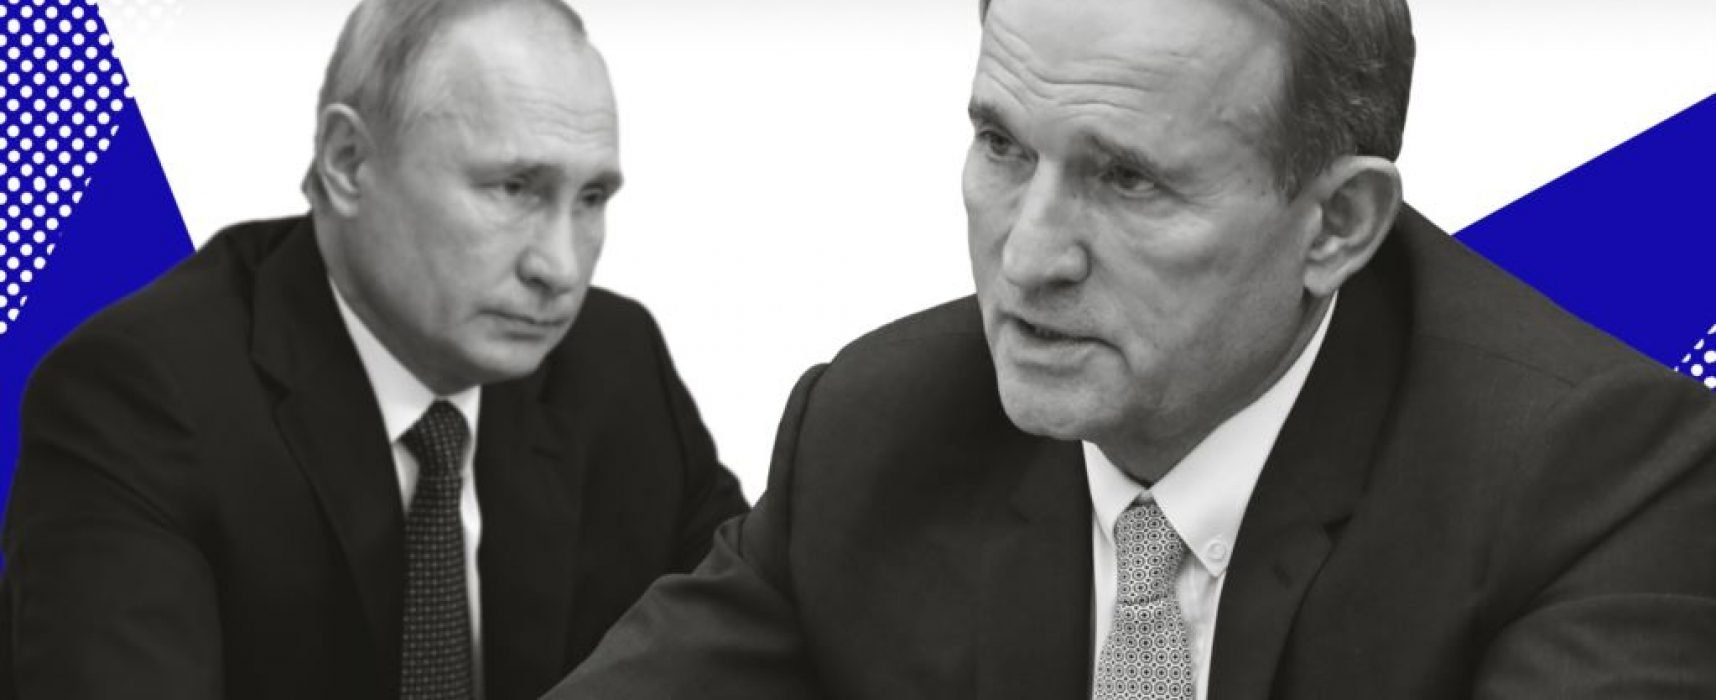 Виталий Портников: Медведчук и день рождения